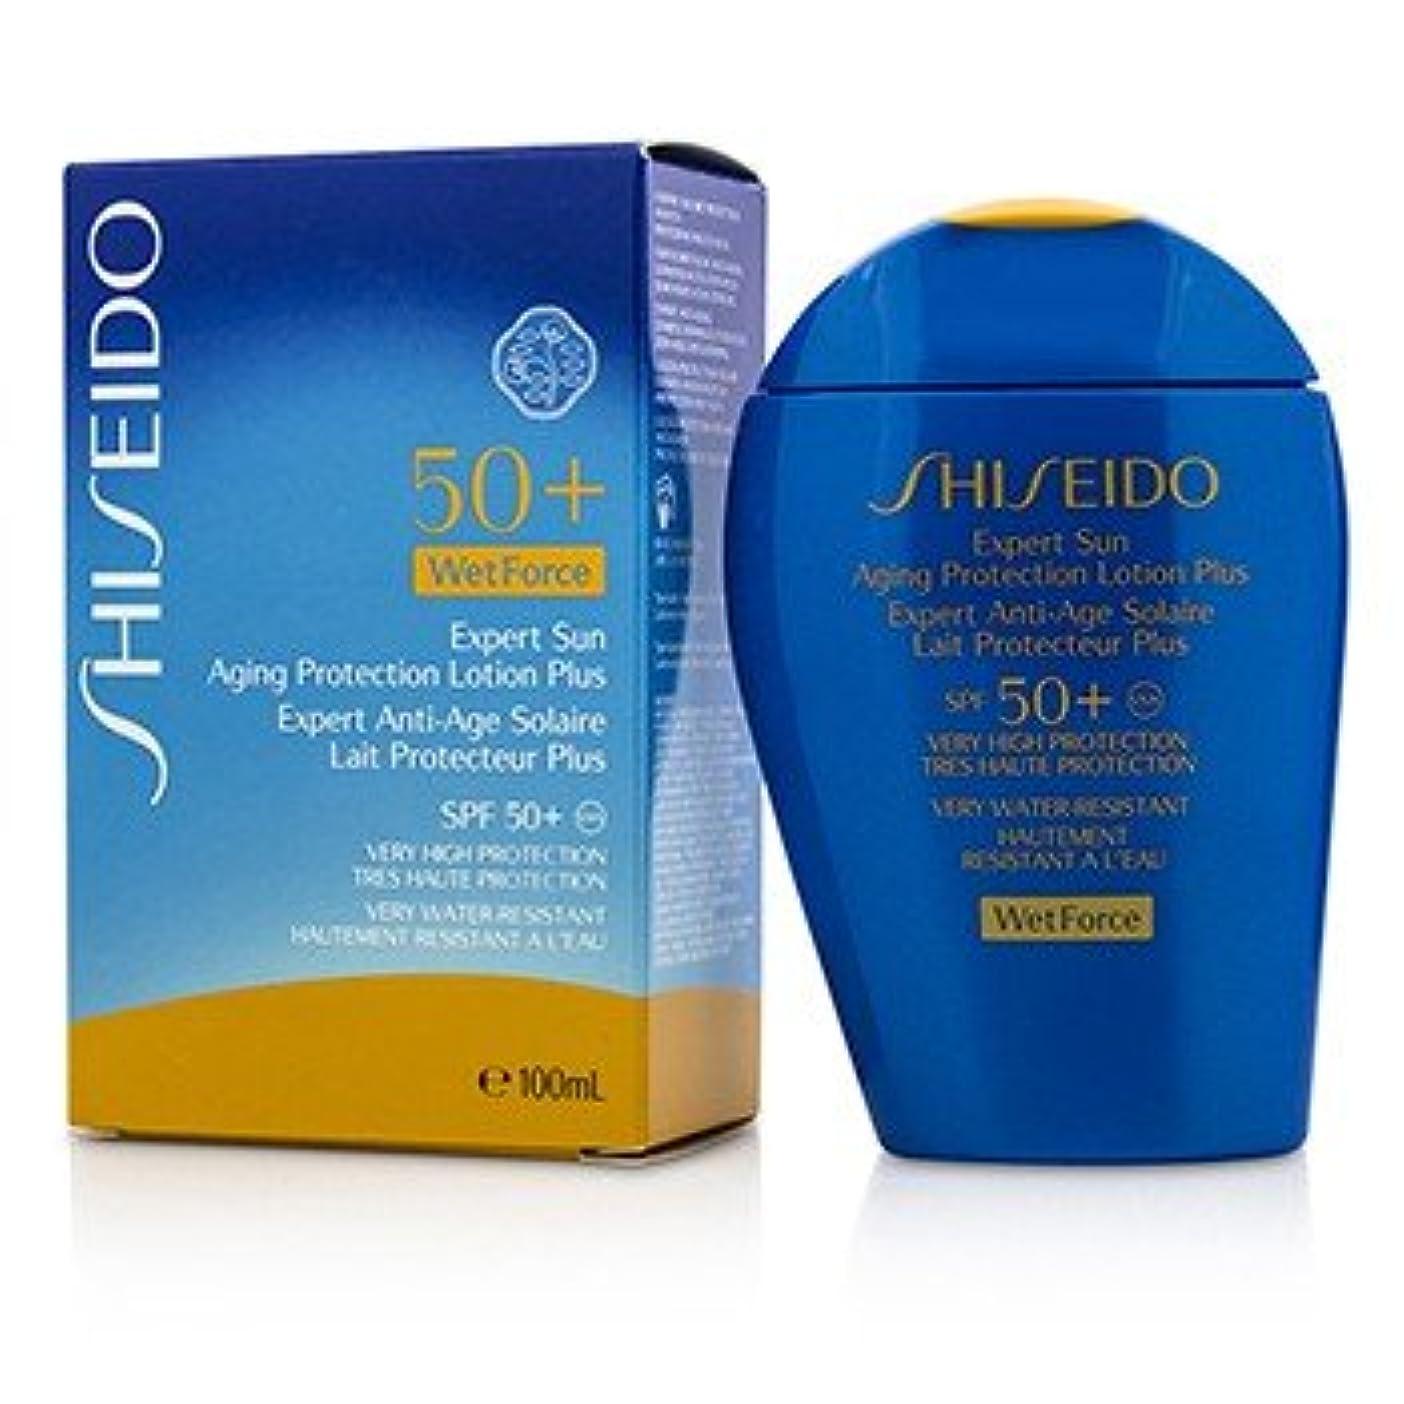 アリス手伝う会計士[Shiseido] Expert Sun Aging Protection Lotion Plus WetForce For Face & Body SPF 50+ 100ml/3.4oz